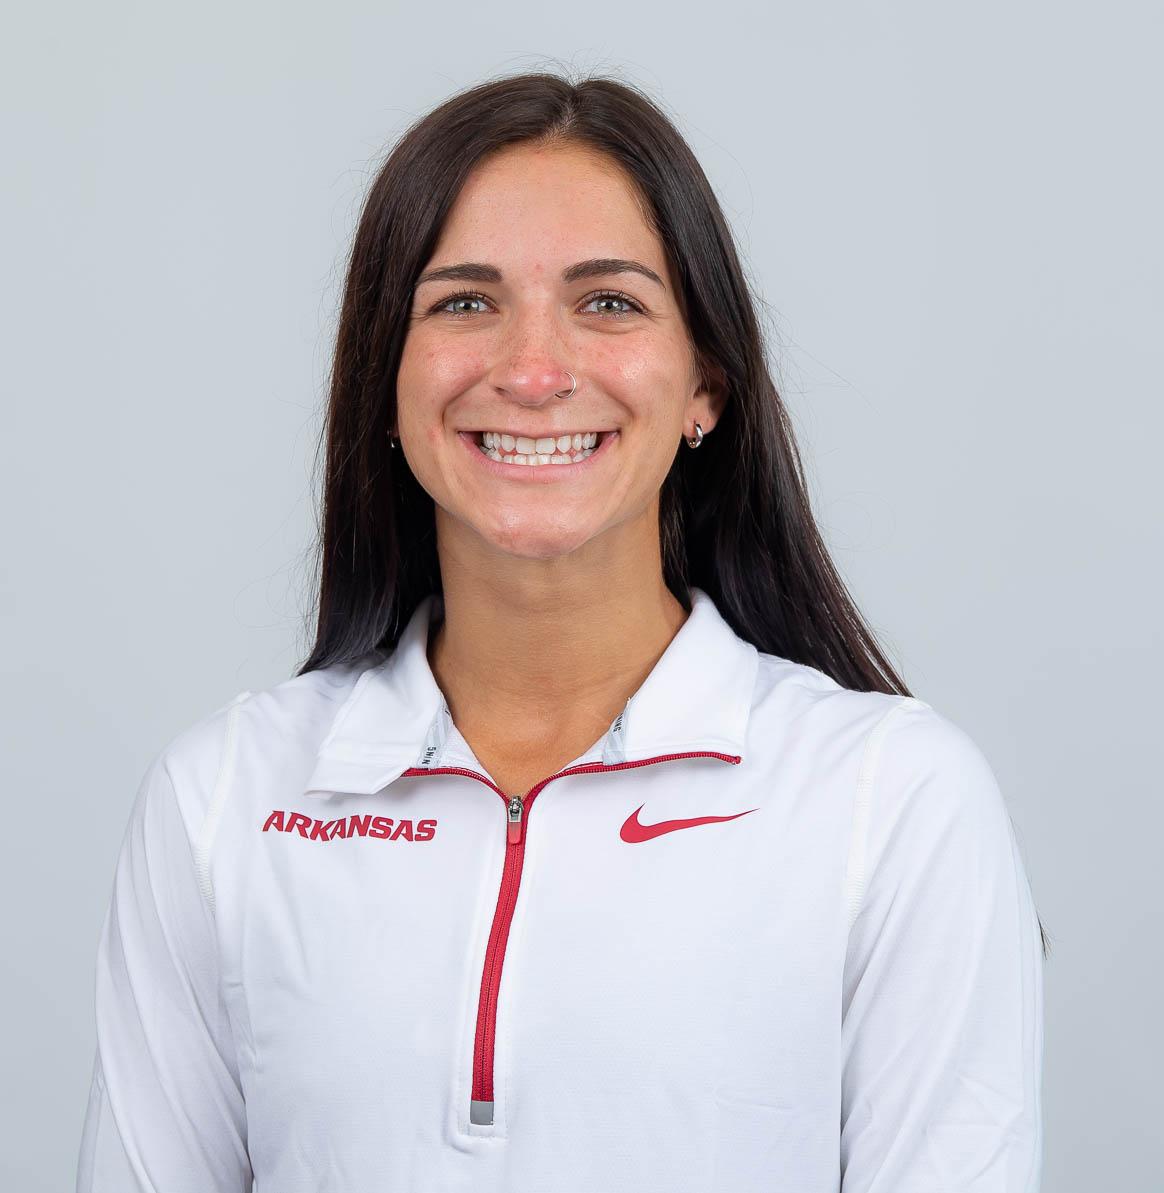 Gracie Hyde - Women's Track & Field - Arkansas Razorbacks